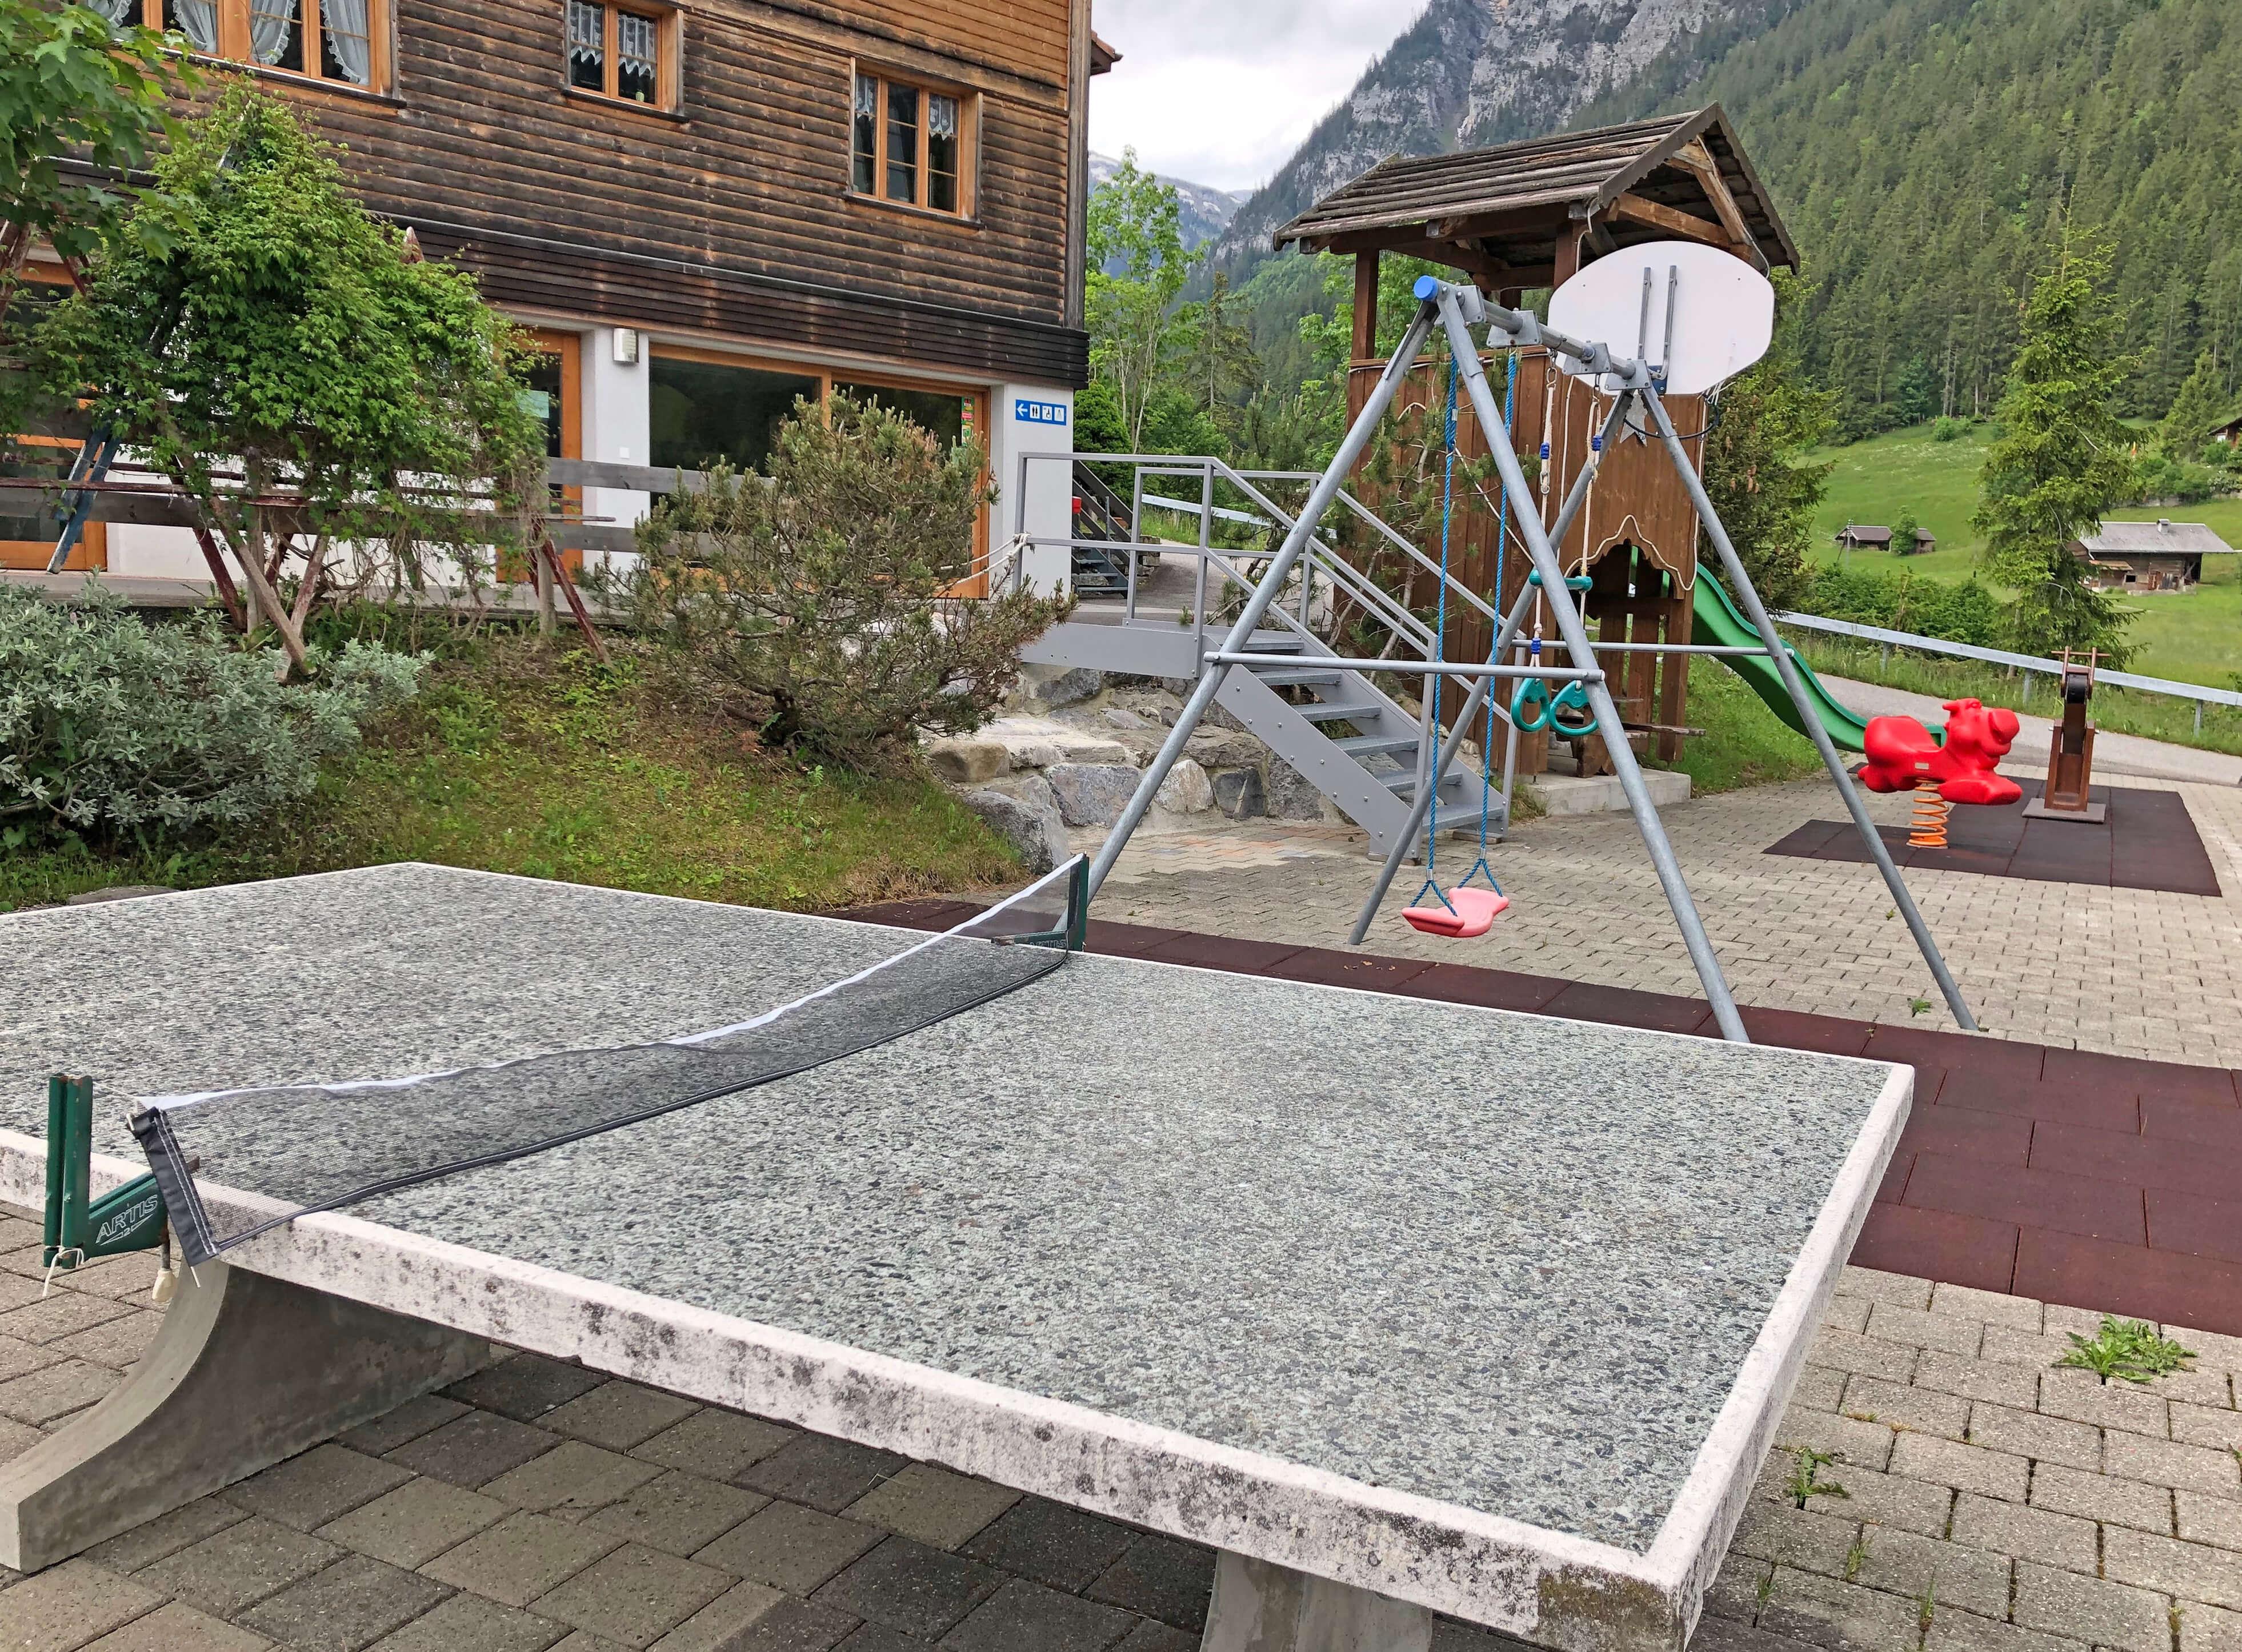 Ping-Pong Tisch auf dem Spielplatz